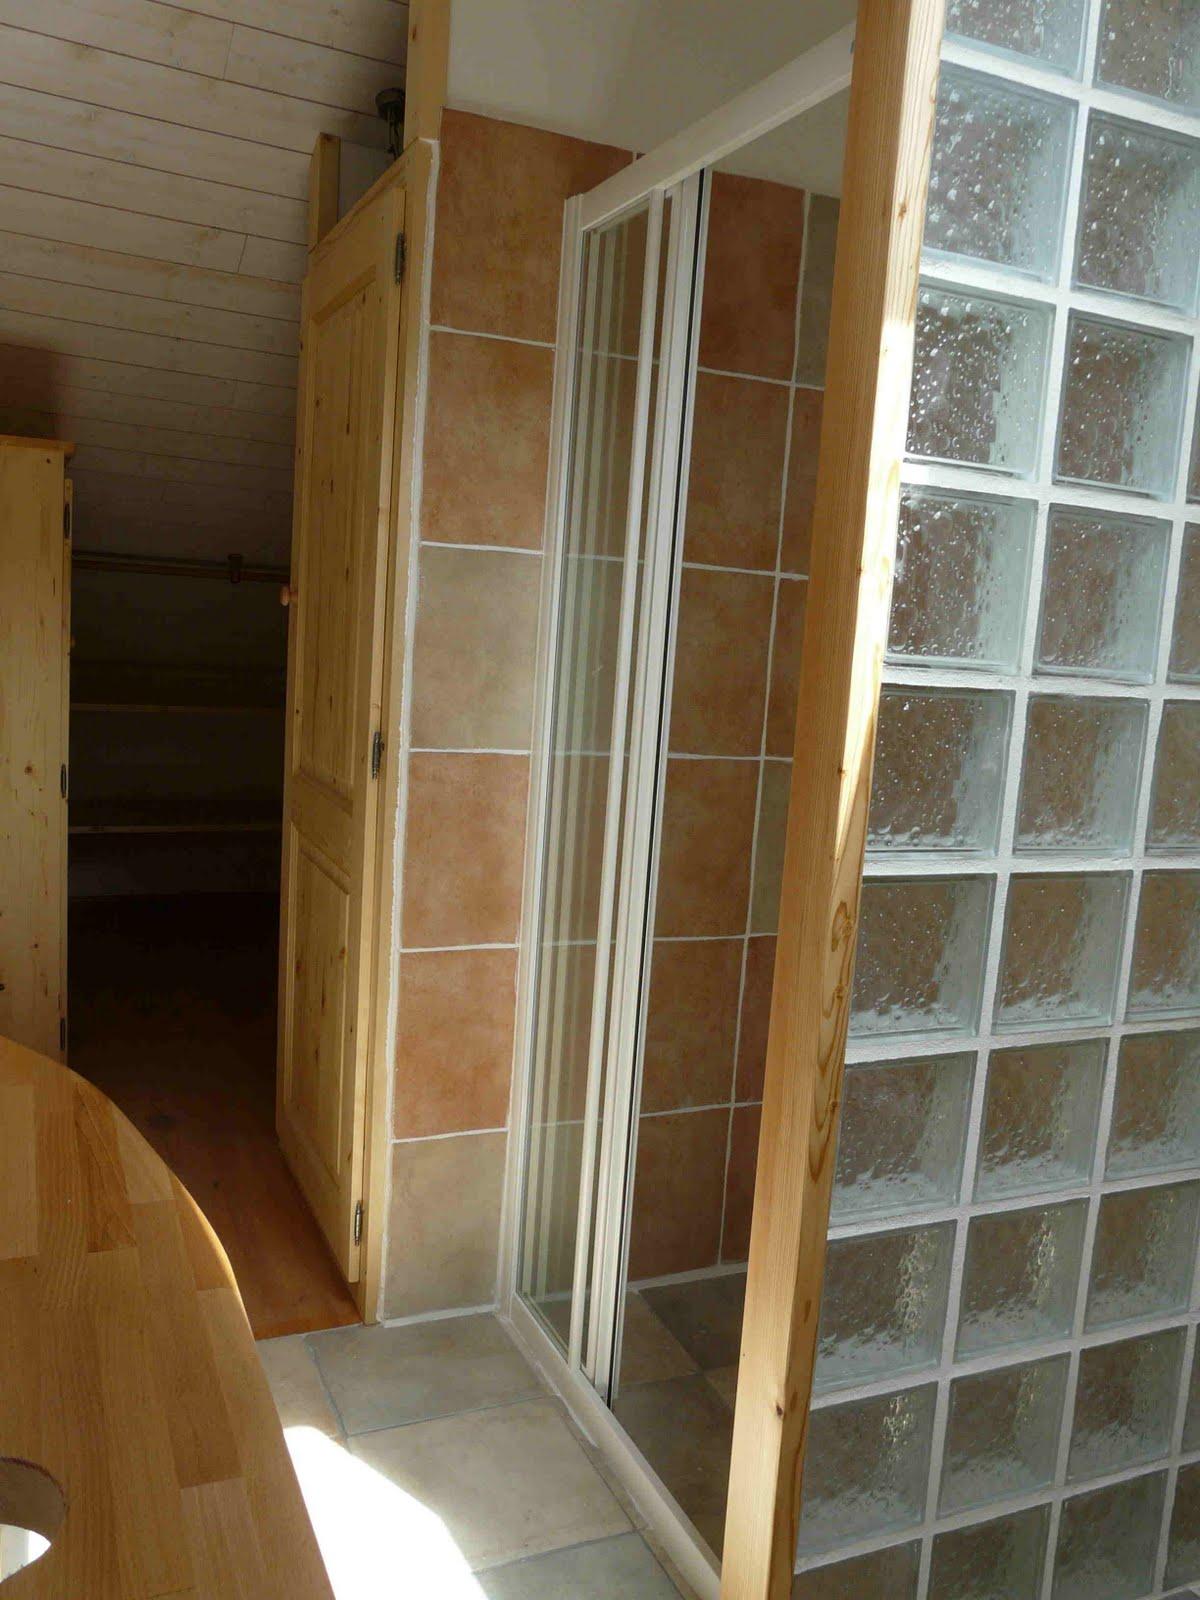 Commune de charens travaux patrimoine am nagement des for Cloison verre douche italienne